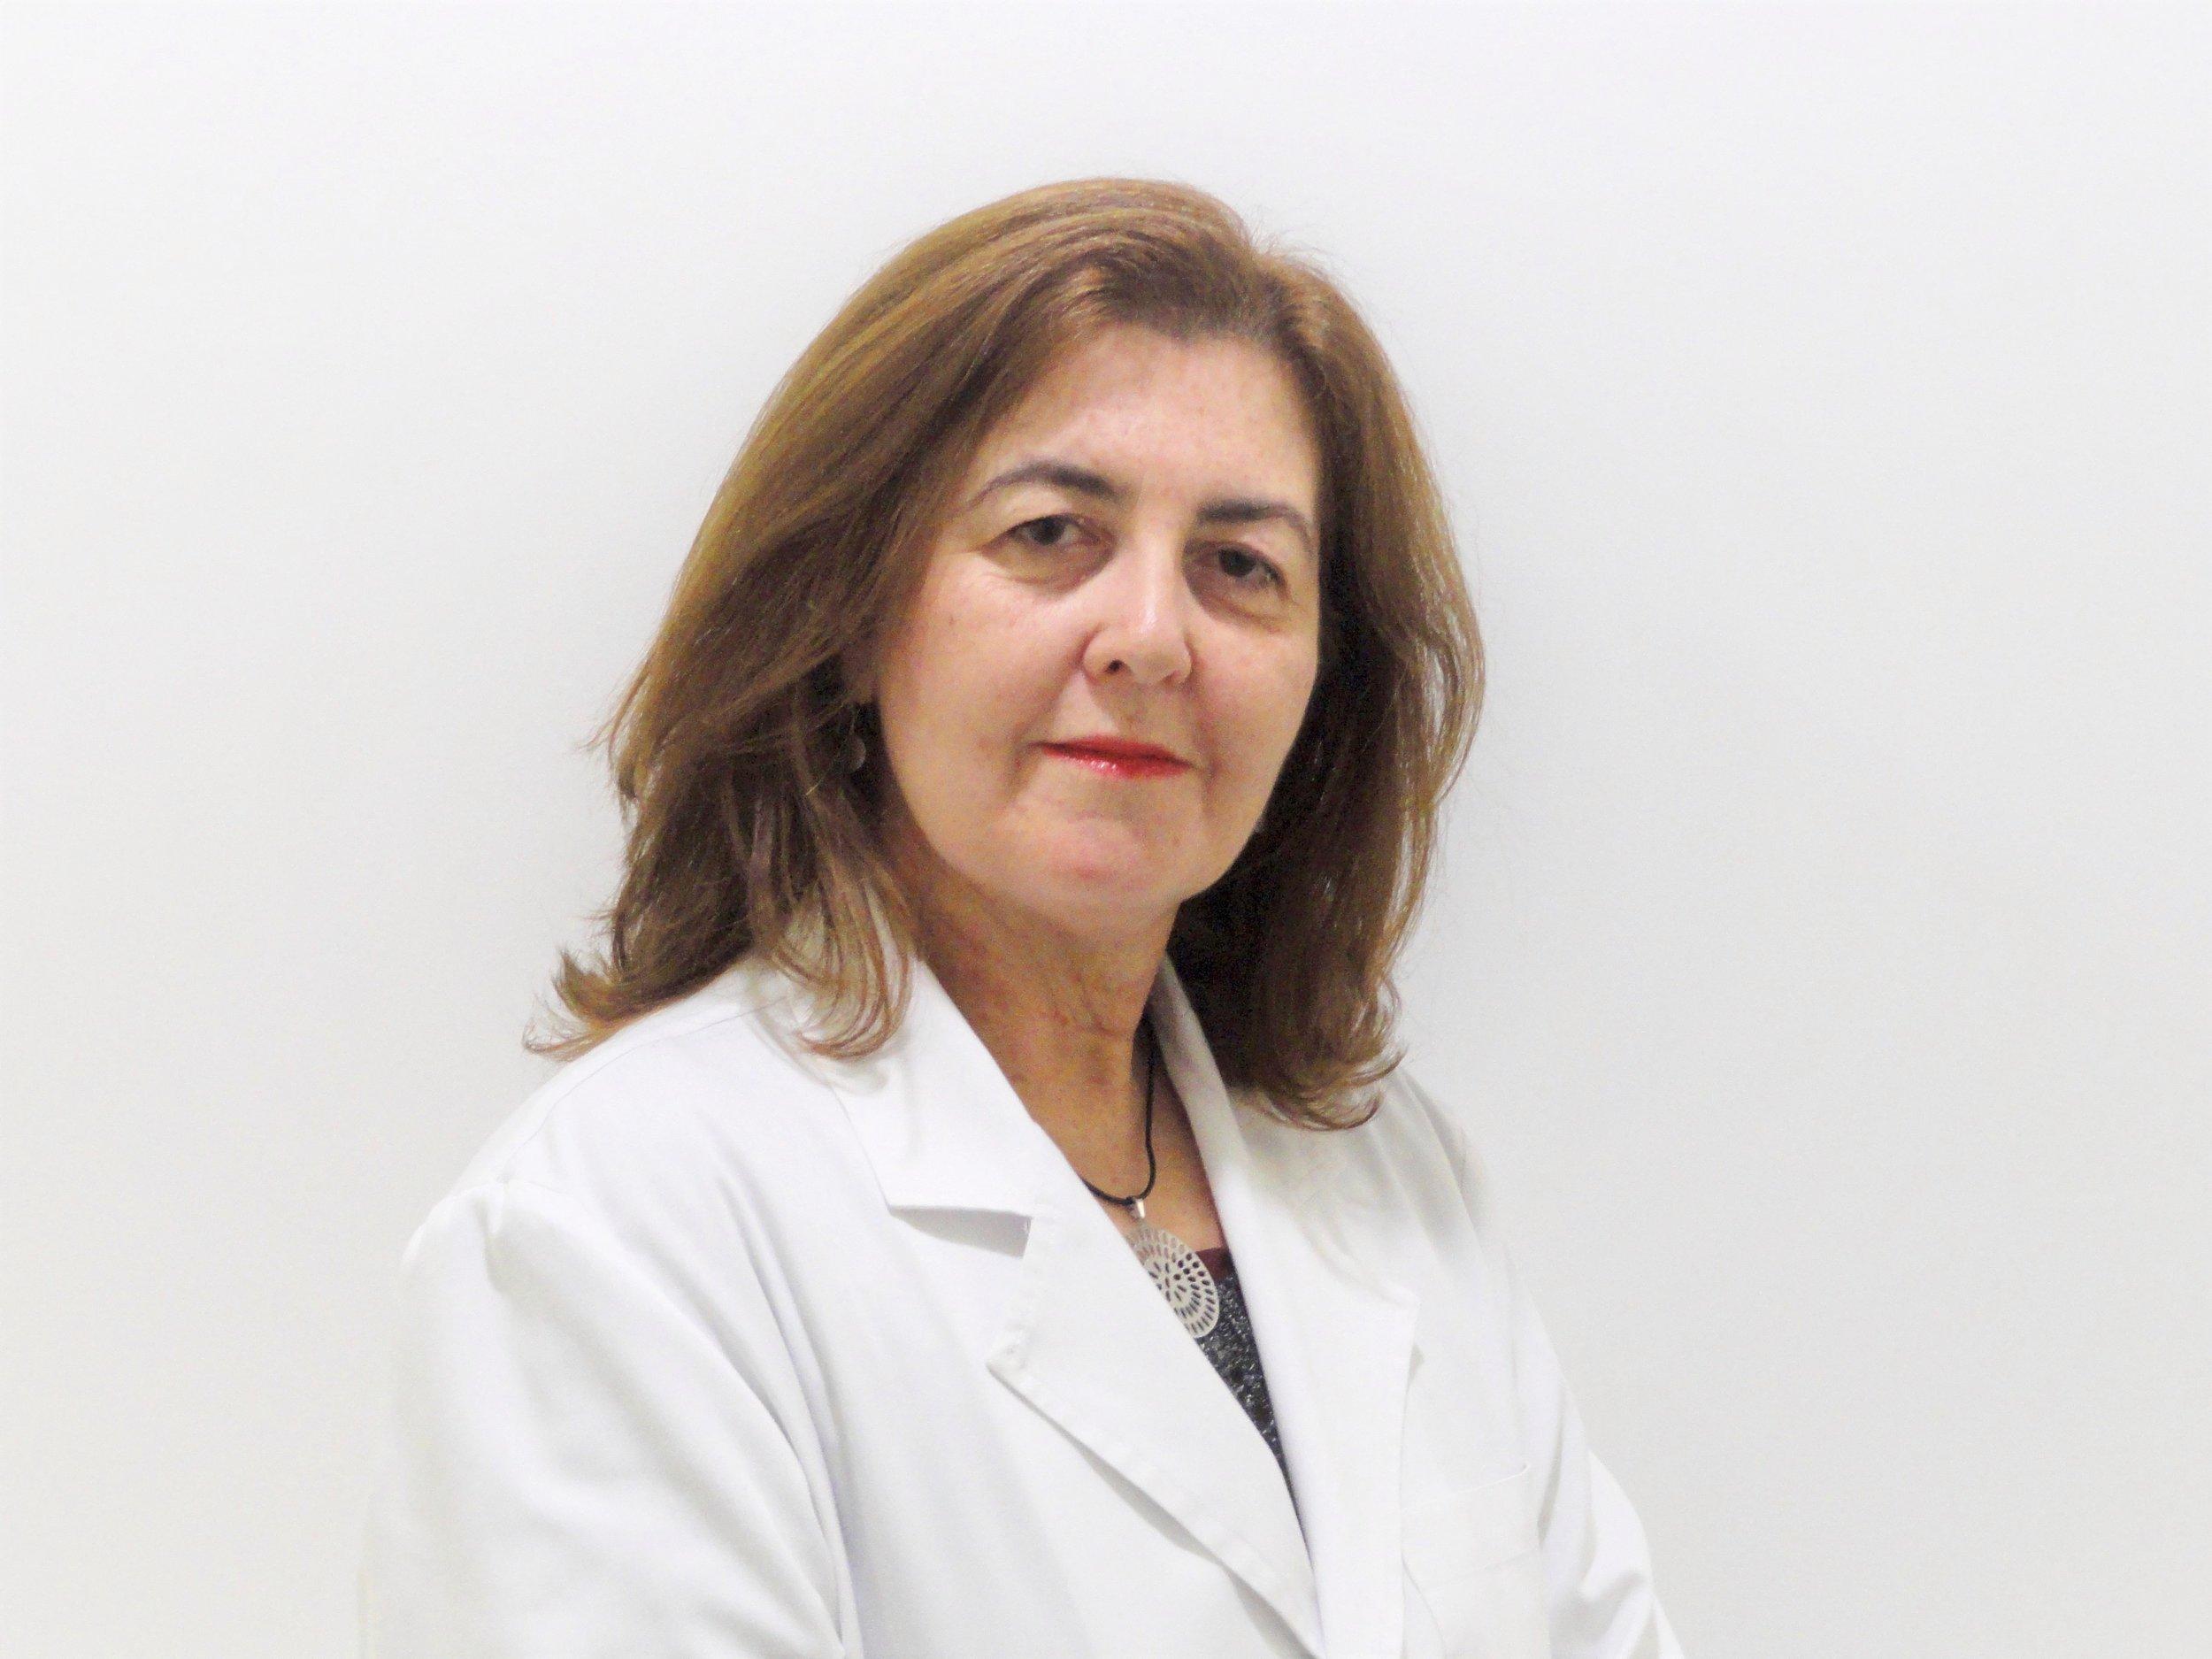 Dra. Ilda Costa - Neurologia.jpg